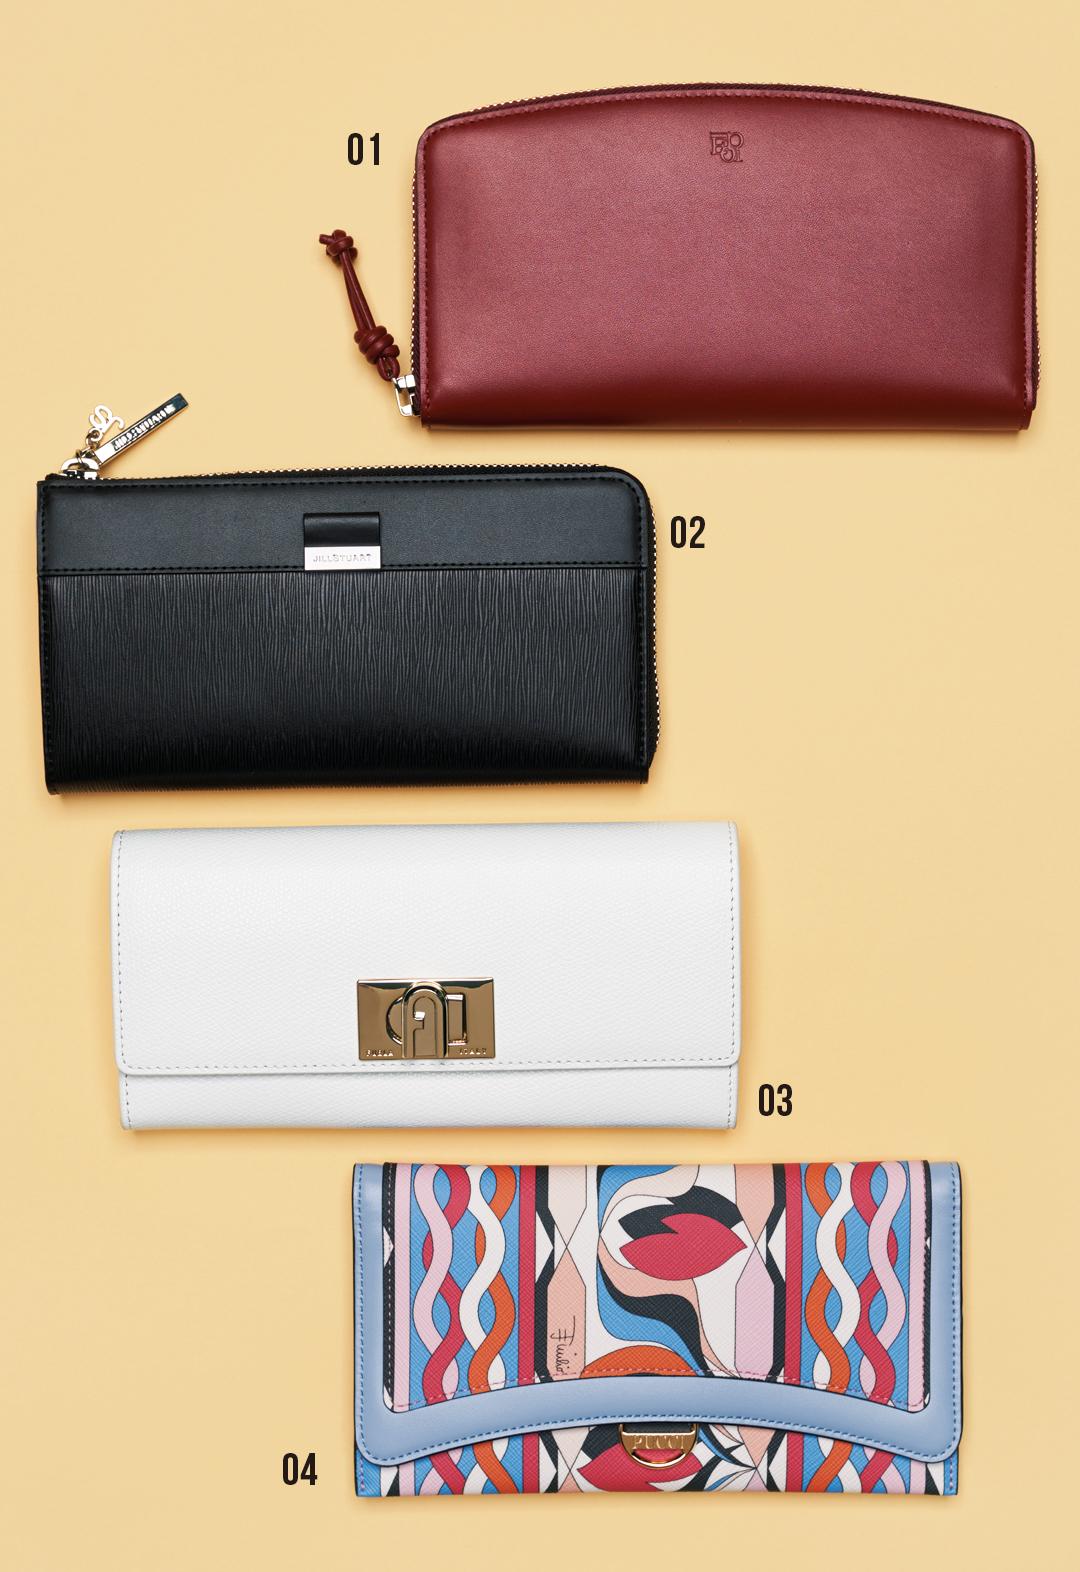 長財布派必見! 薄くて機能的な最新財布はコチラ♡【水晶玉子さんの2020年開運アドバイスつき】_1_2